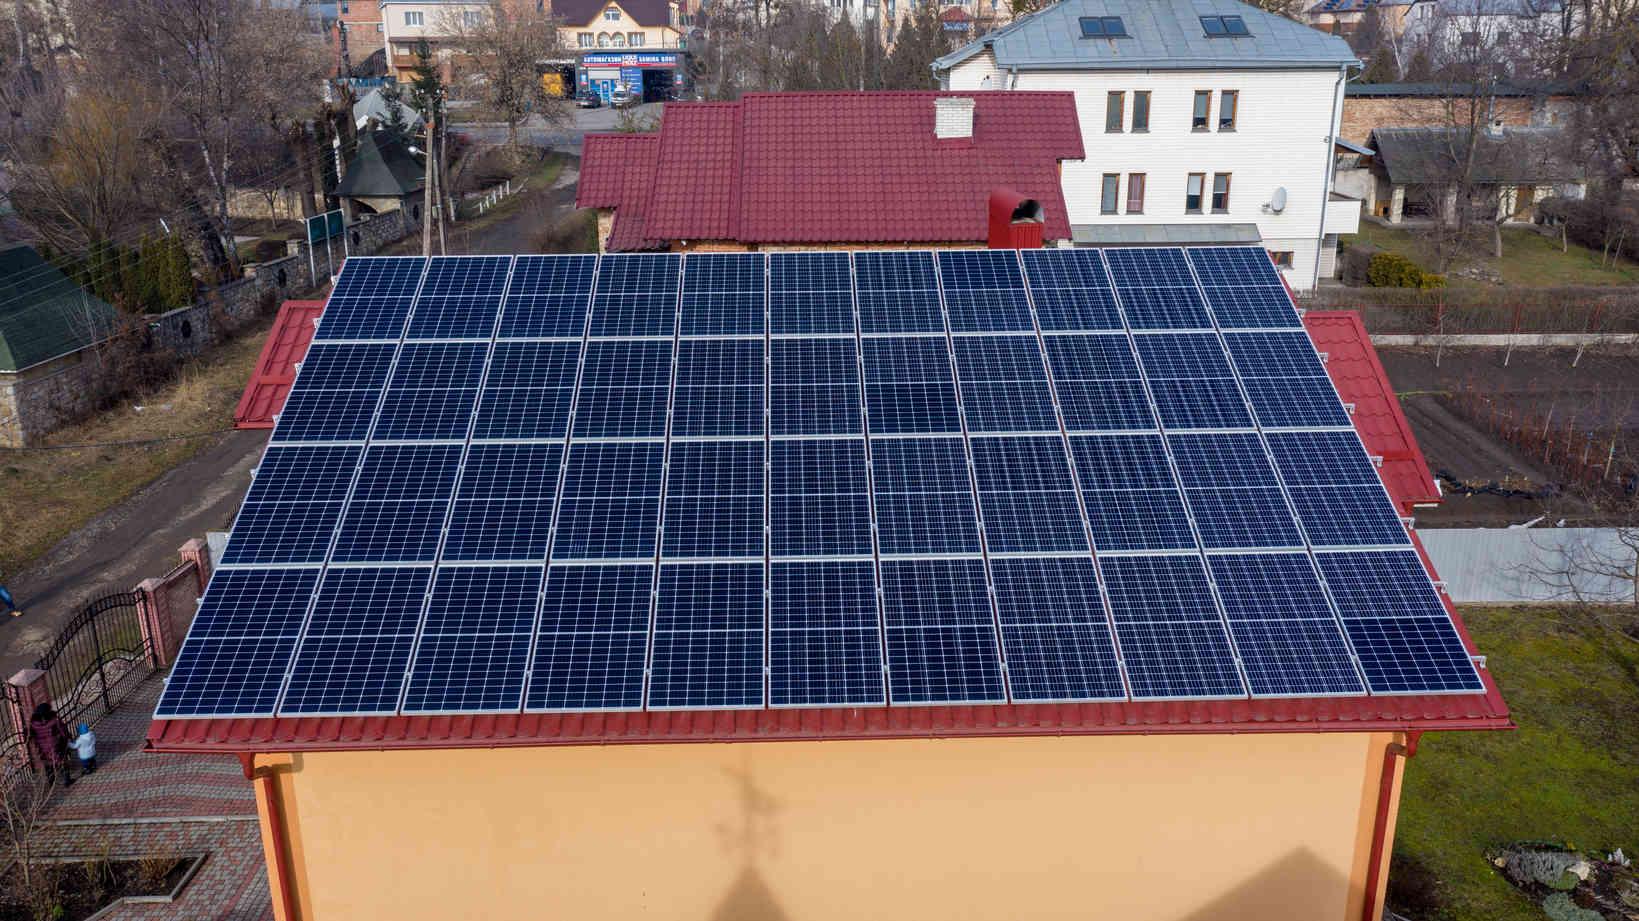 Мережева сонячна електростанція (СЕС) потужністю 14,08 кВт – Фотозвіт #2